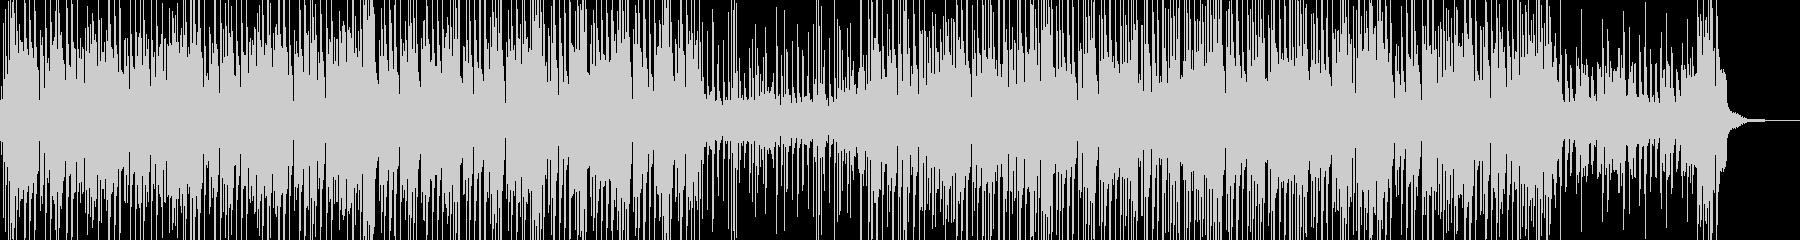 日常 まったりな雰囲気に適したBGMの未再生の波形